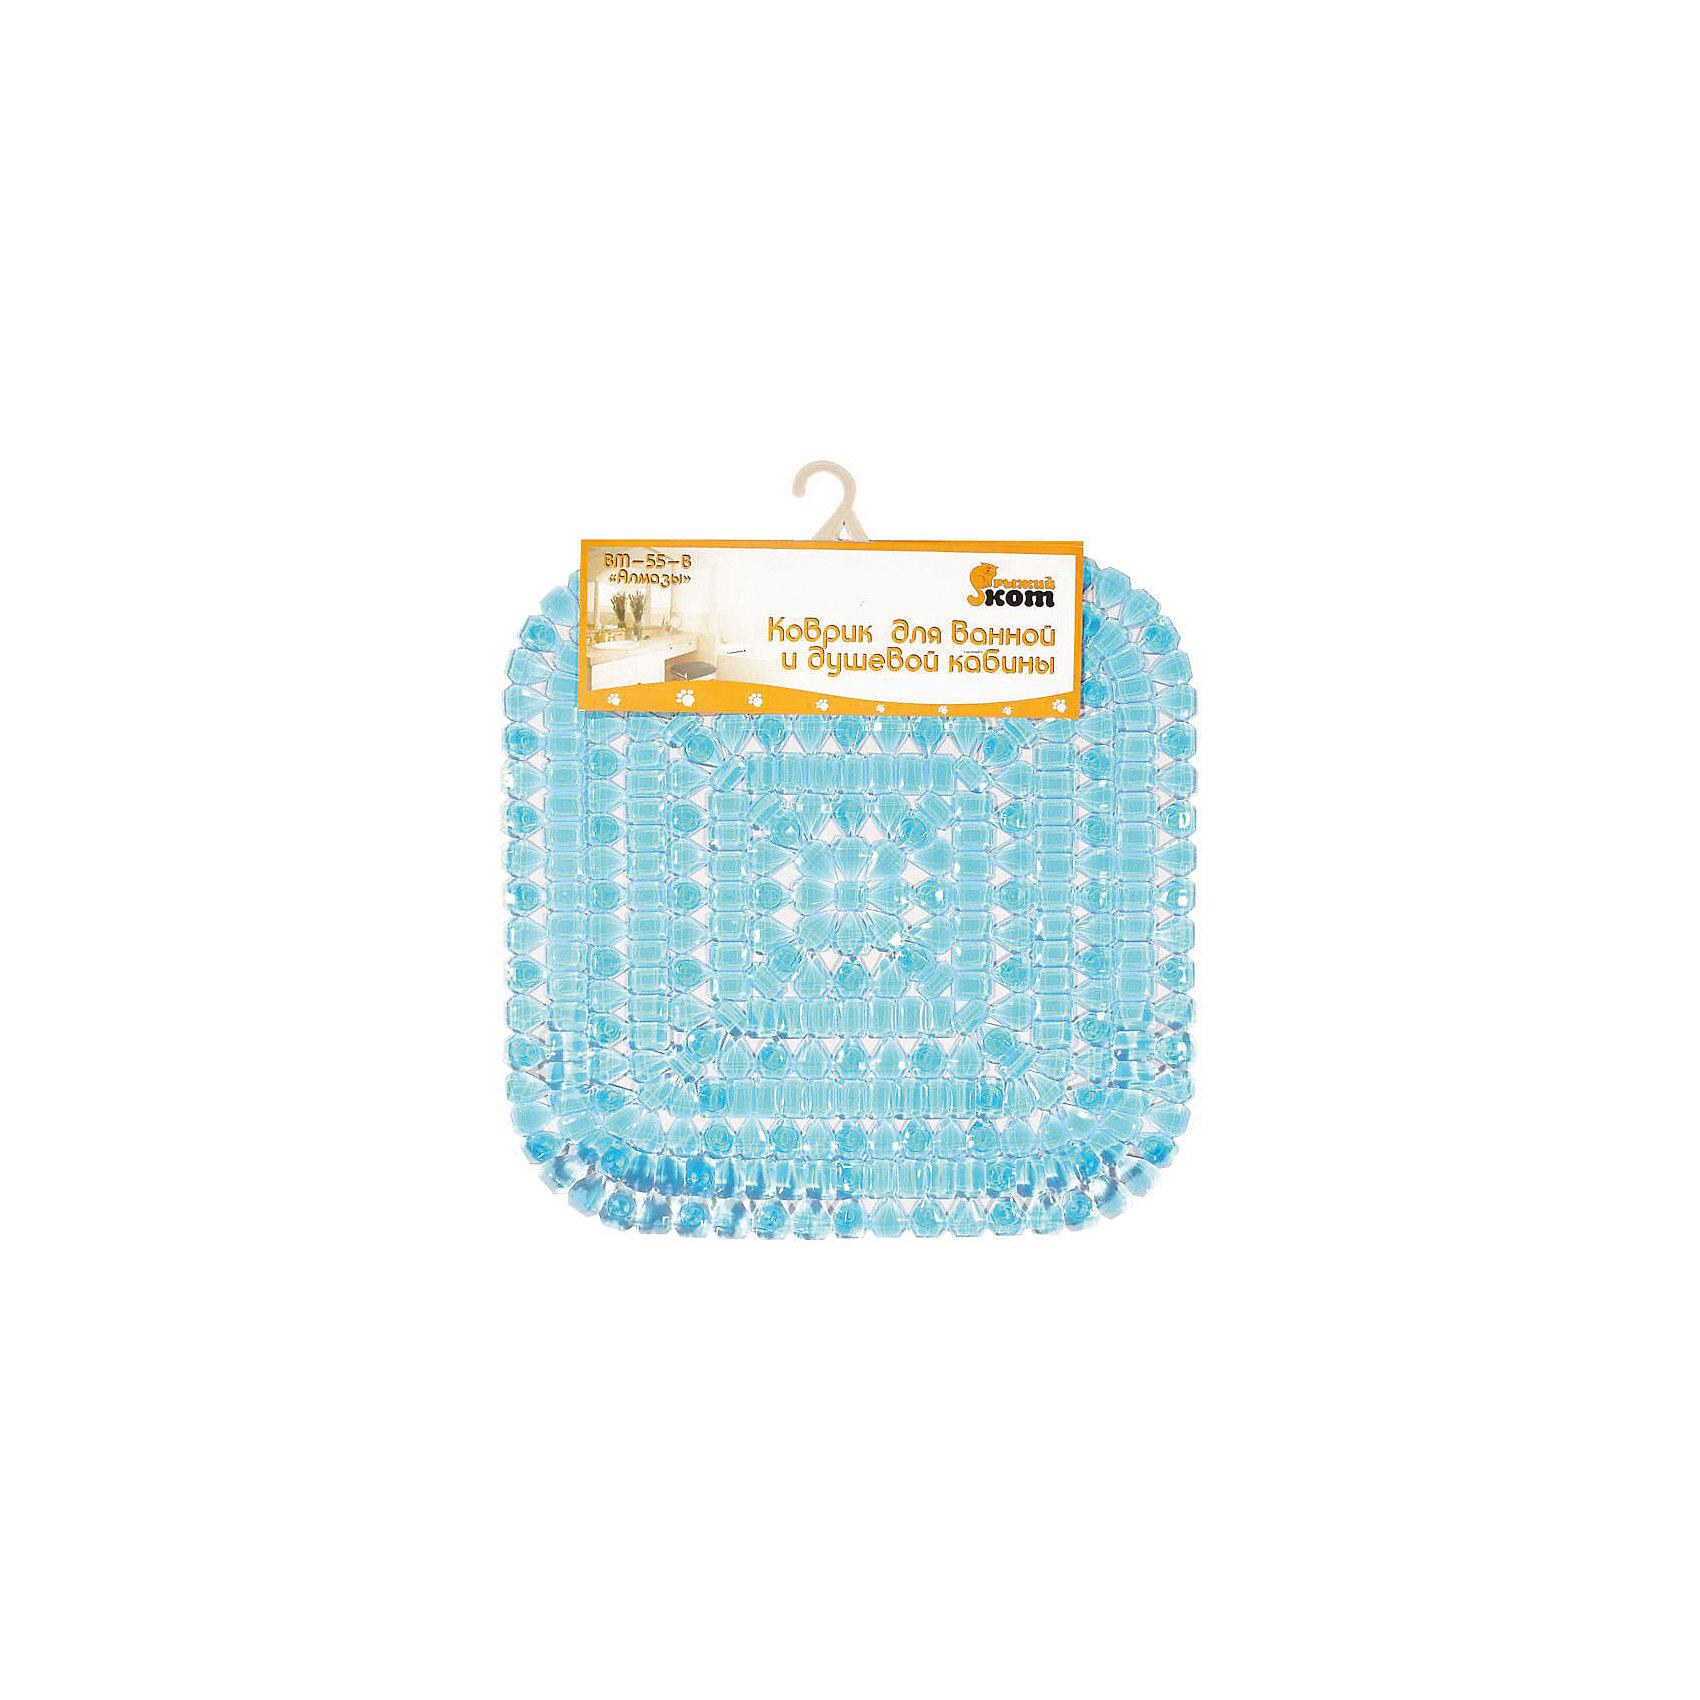 Коврик для ванной  BM-55-B «Алмазы» квадратный, 50*50 см, Рыжий Кот, голубойВанная комната<br>Мягкий коврик для купания стелется на дно душевой кабины или ванны, присоски крепко прилипают ко дну. Ребристая поверхность коврика не позволяет ноге скользить по мокрой поверхности ванны. Коврик декорирован алмазным рисуноком. <br><br>Дополнительная информация:<br><br>Размер коврика: 50х50 см<br>Тип крепления: на присосках<br>Материал: ПВХ 100%<br><br>Коврик для ванной  BM-55-B «Алмазы» квадратный, 50*50 см, Рыжий Кот, голубой можно купить в нашем интернет-магазине.<br><br>Ширина мм: 494<br>Глубина мм: 492<br>Высота мм: 7<br>Вес г: 708<br>Возраст от месяцев: 6<br>Возраст до месяцев: 1080<br>Пол: Унисекс<br>Возраст: Детский<br>SKU: 4989807